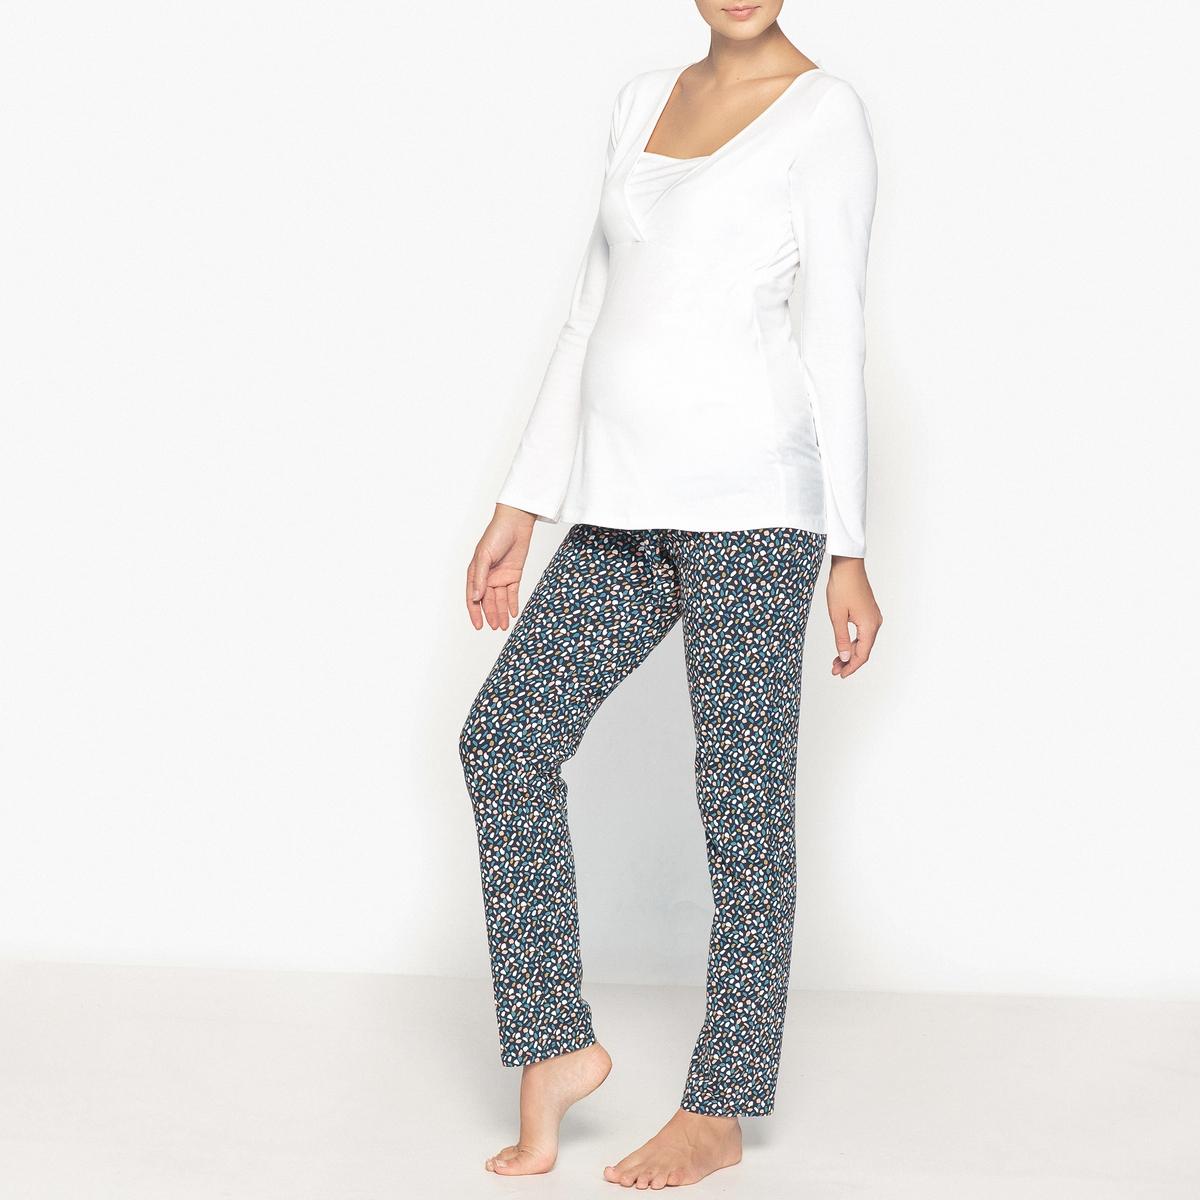 Пижама для беременности и периода грудного вскармливанияСтруящиеся брюки прямого покроя, зауженные снизу и с высоким поясом для поддержки живота. Эластичный пояс на завязках.     Состав и описание : Материал : 95% хлопка, 5% эластана.Длина :Верх : 68 смПо внутр.шву : 76 смМарка : CocoonУход:Стирать при 40° на деликатном режиме с изделиями схожих цветов.Стирать, сушить и гладить при низкой температуре с изнаночной стороны.<br><br>Цвет: белый/разноцветный рисунок